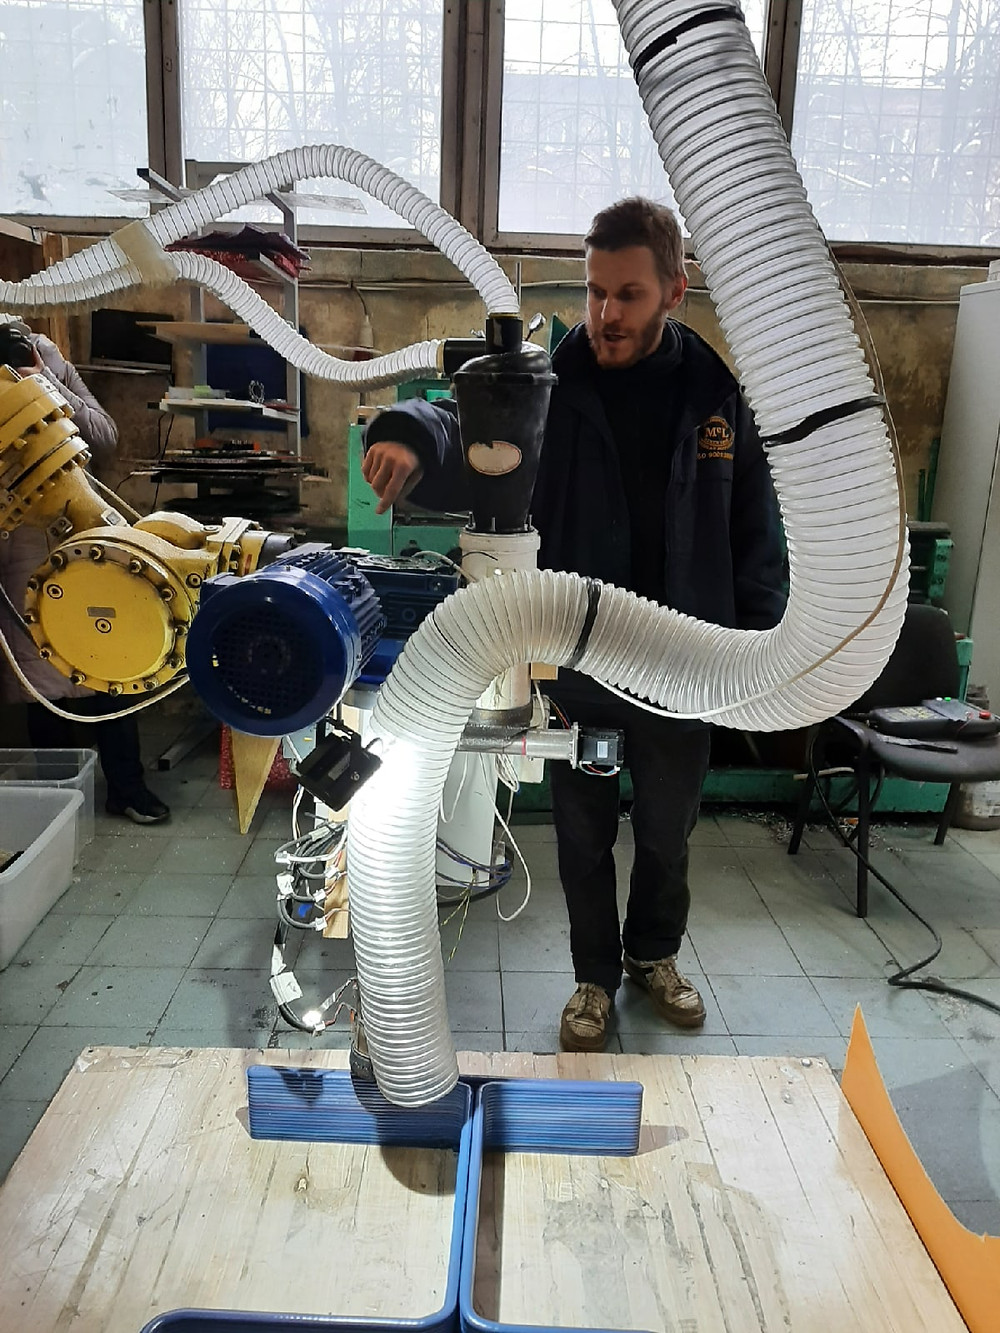 Саша Семенов с собранным собственноручно 3D-принтером, печатающим изделия из пластика